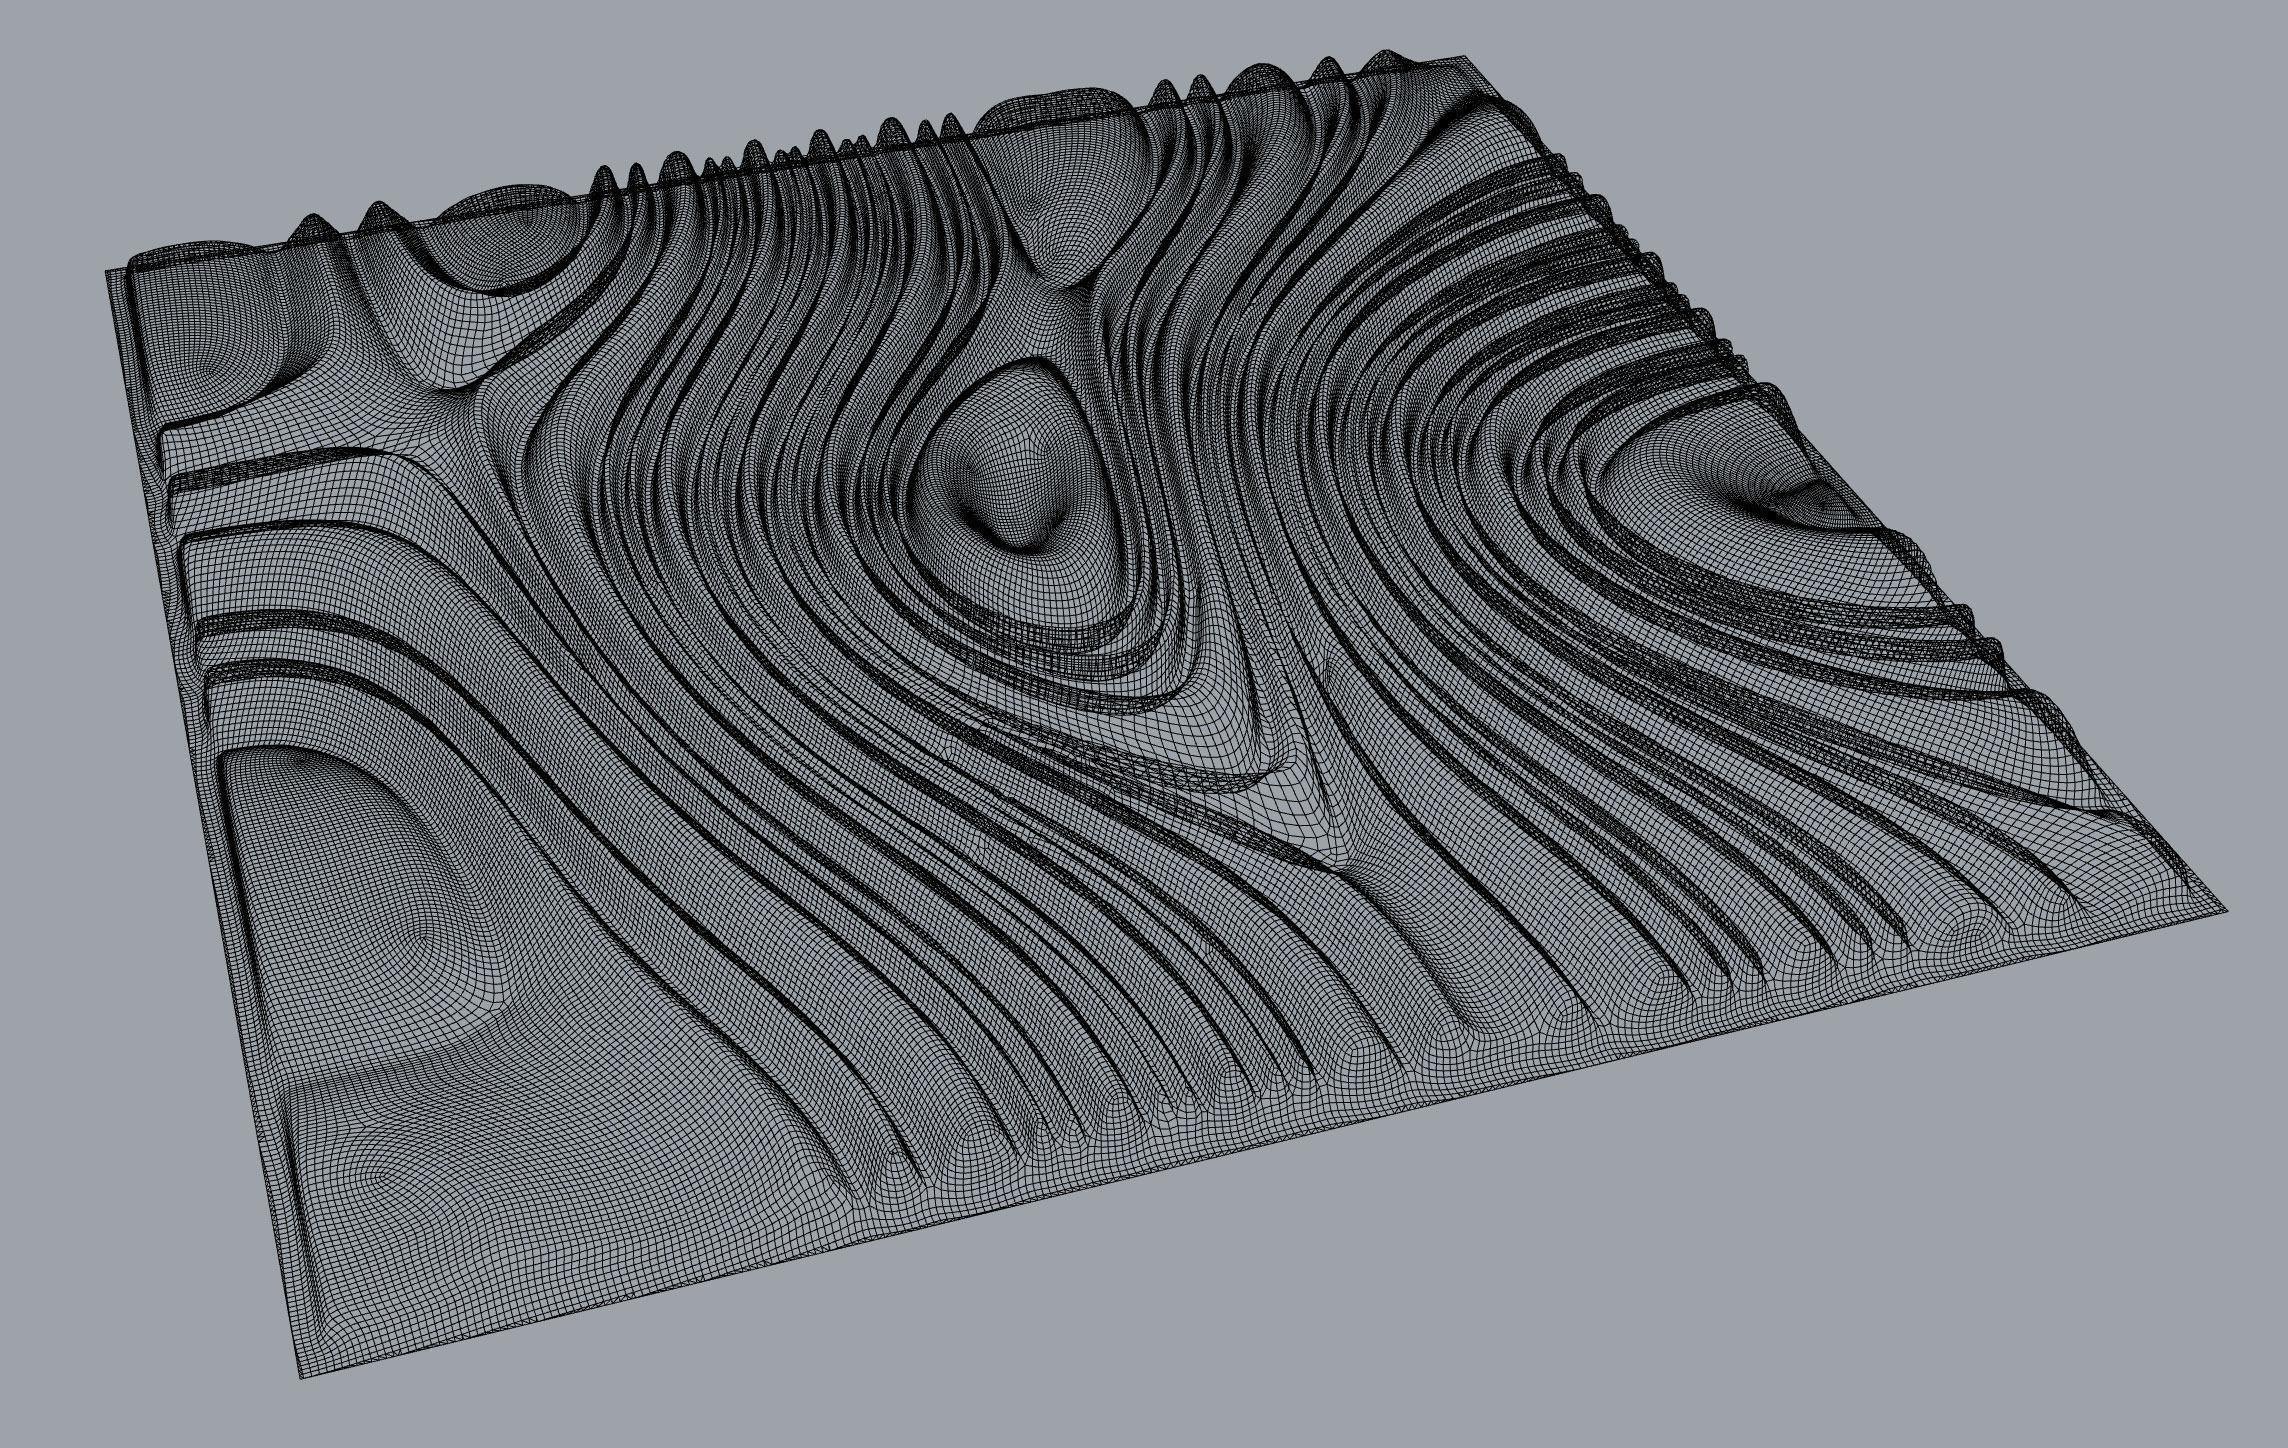 Tileable 3d Relief Sb20 For Cnc 3d Model 3d Printable Obj